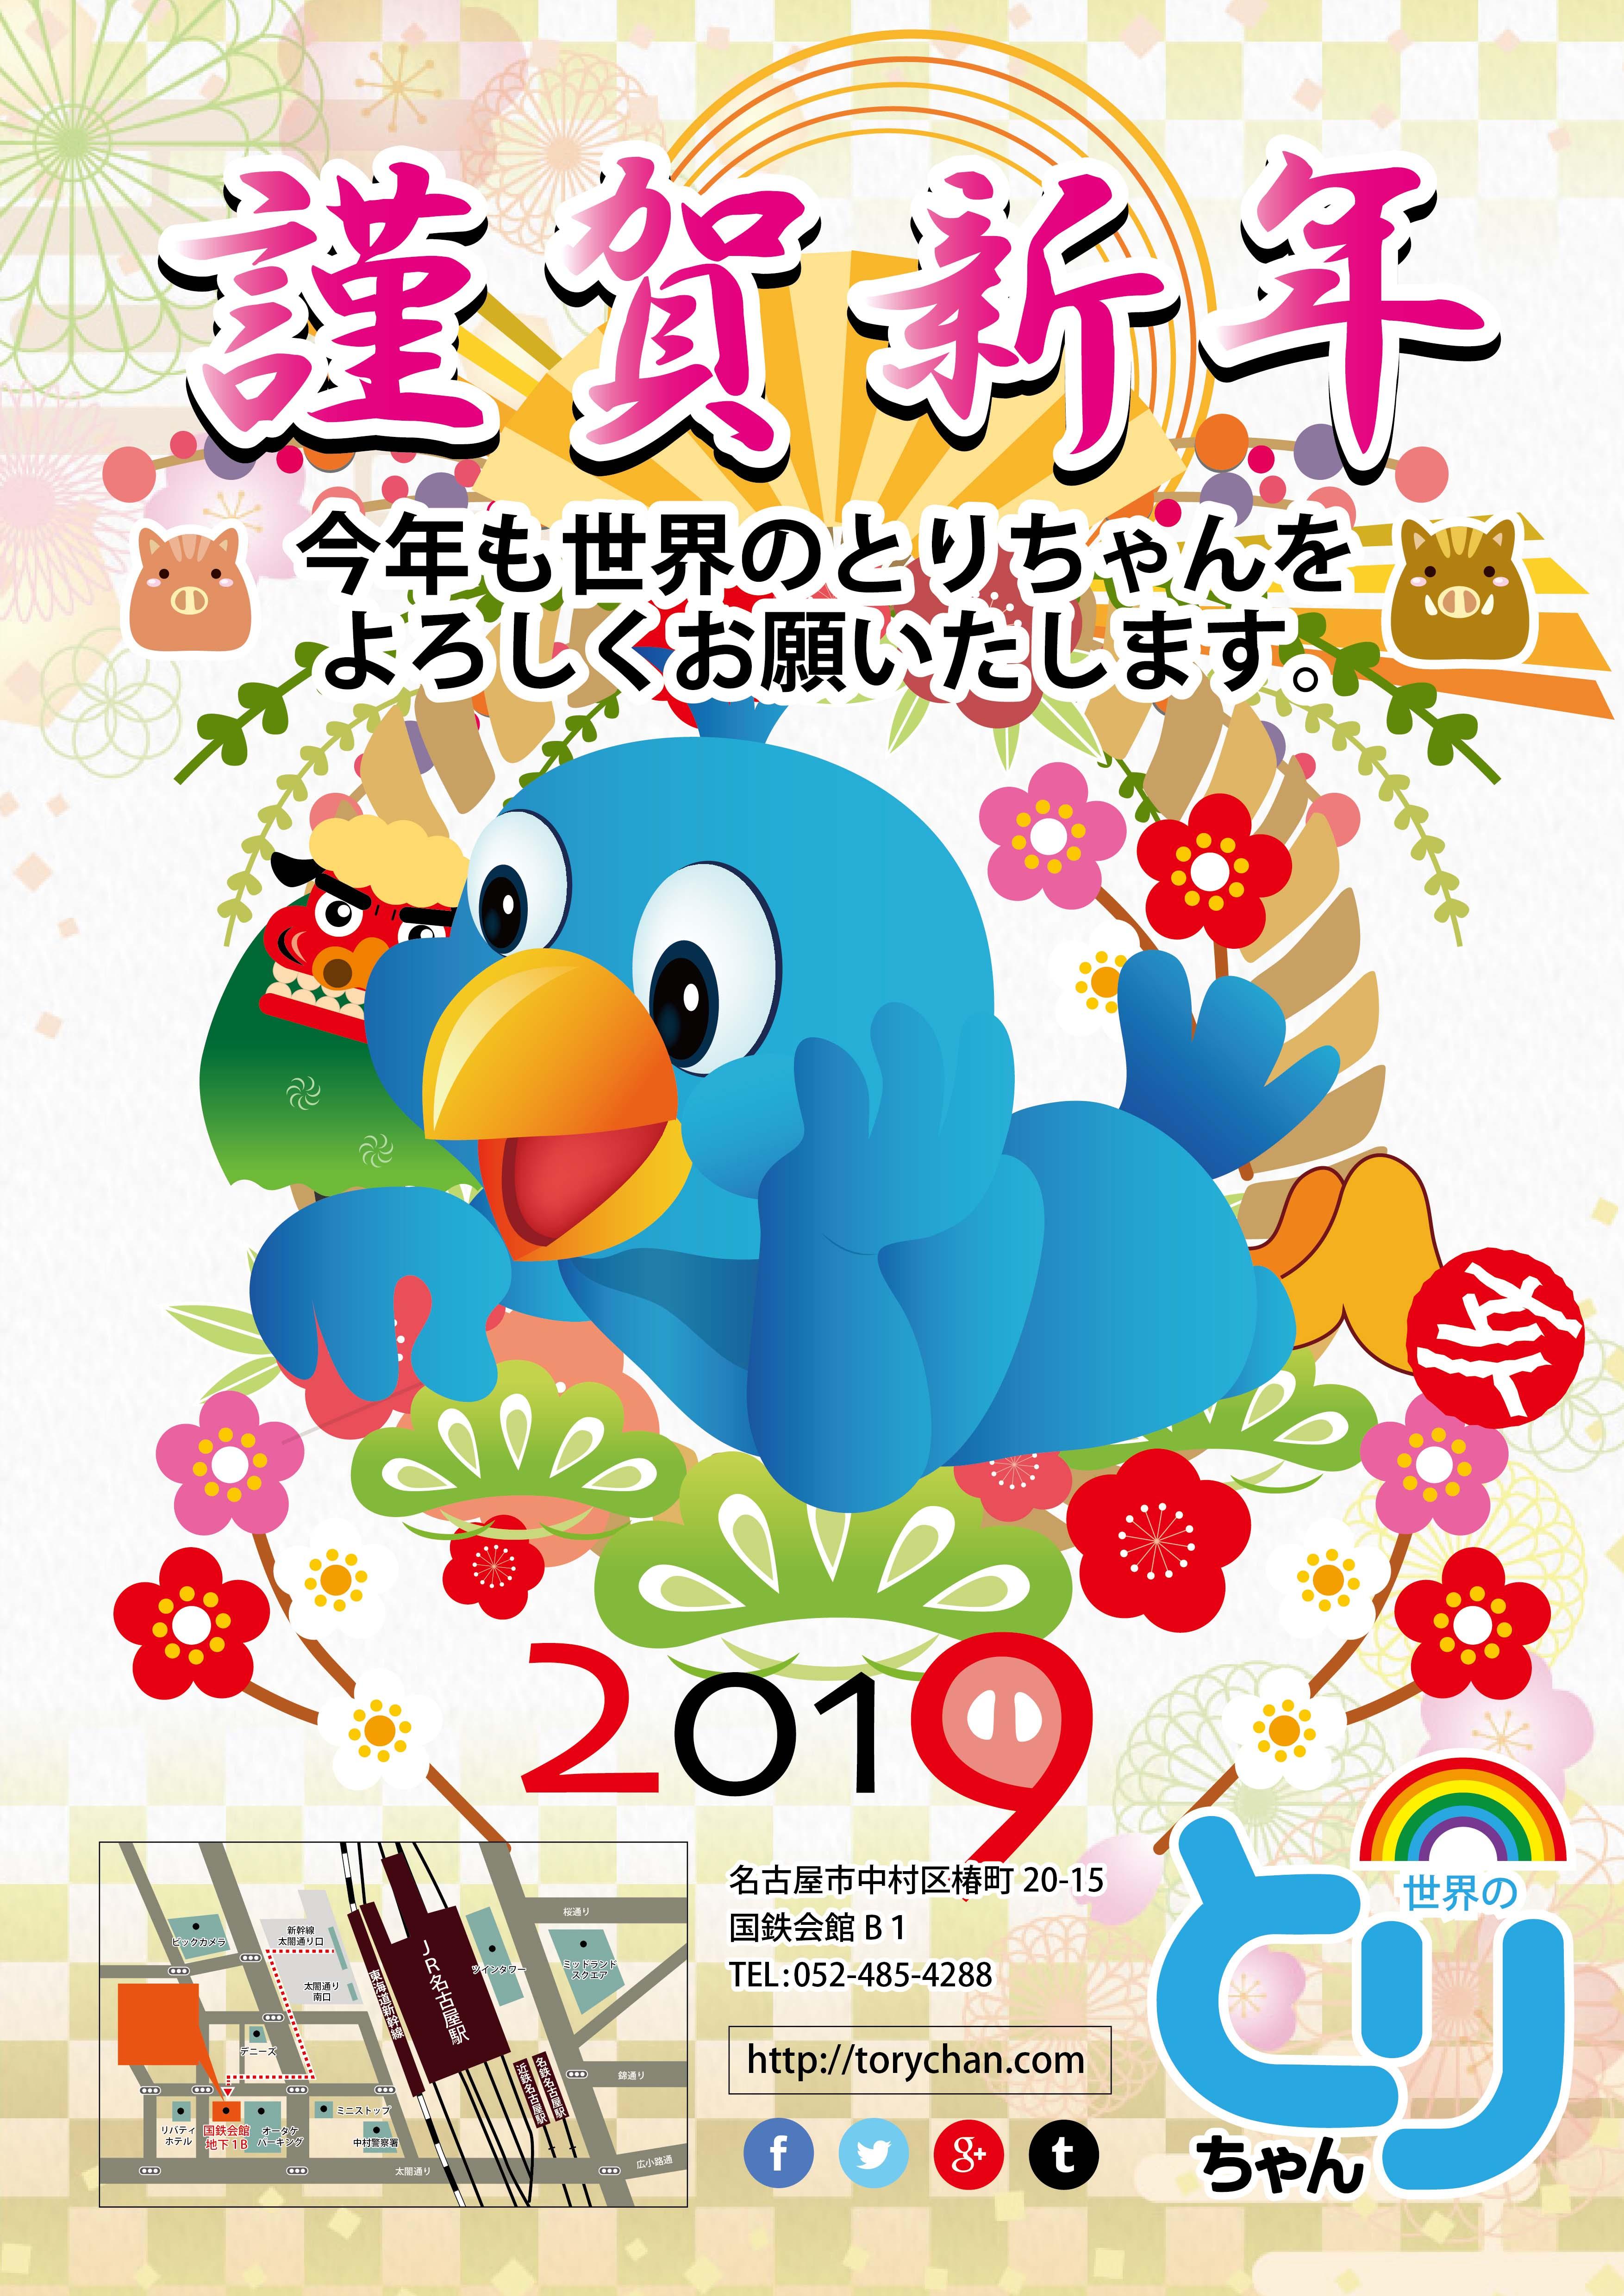 2019年あけましておめでとうございます。今年も【世界のとりちゃん】をよろしくお願いいたします。